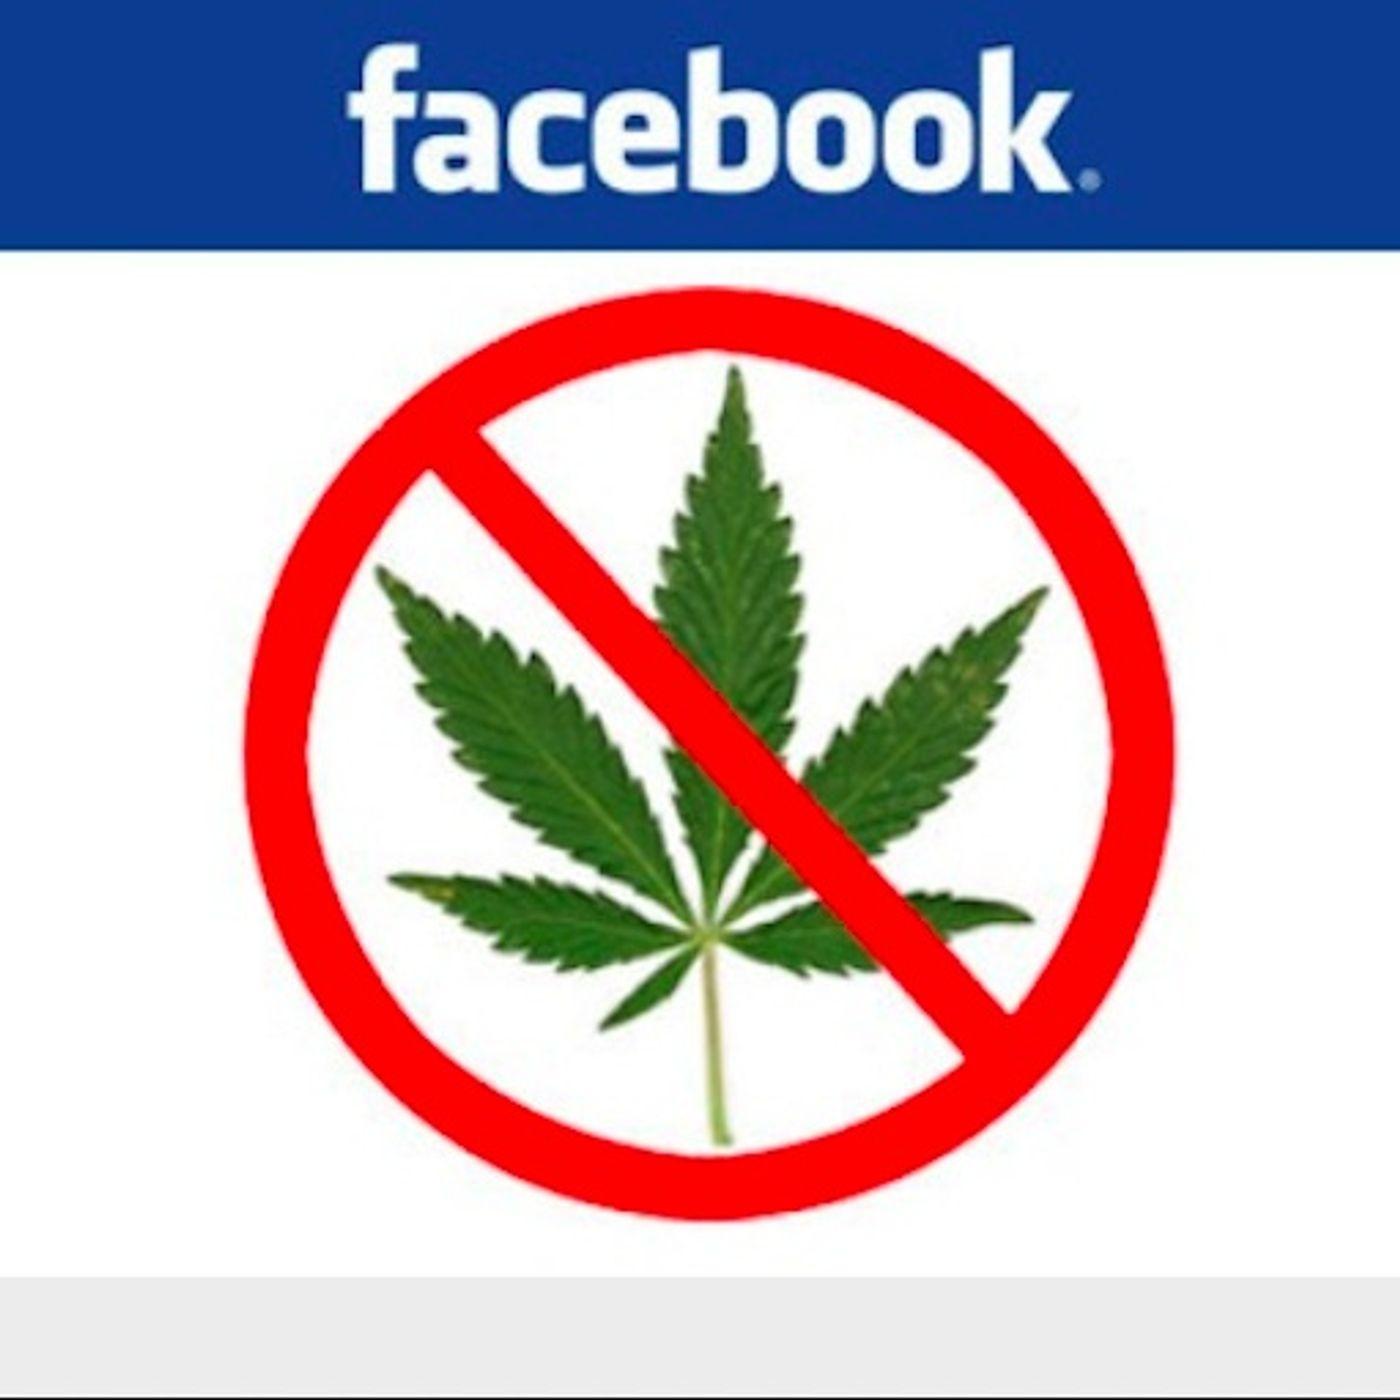 Continua la censura da parte di Facebook nei confronti della Canapa